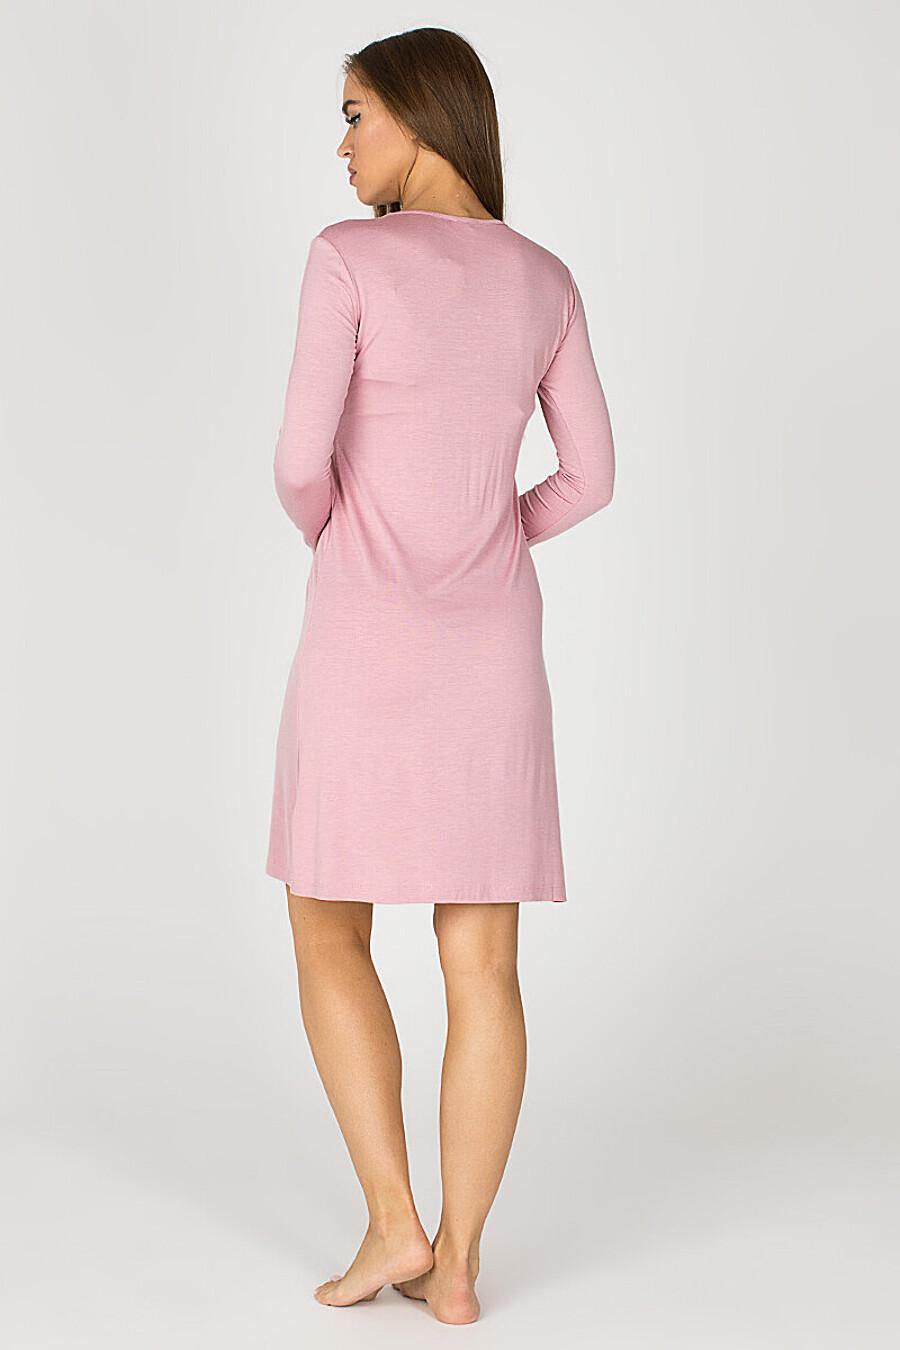 Сорочка для женщин PE.CHITTO 169428 купить оптом от производителя. Совместная покупка женской одежды в OptMoyo